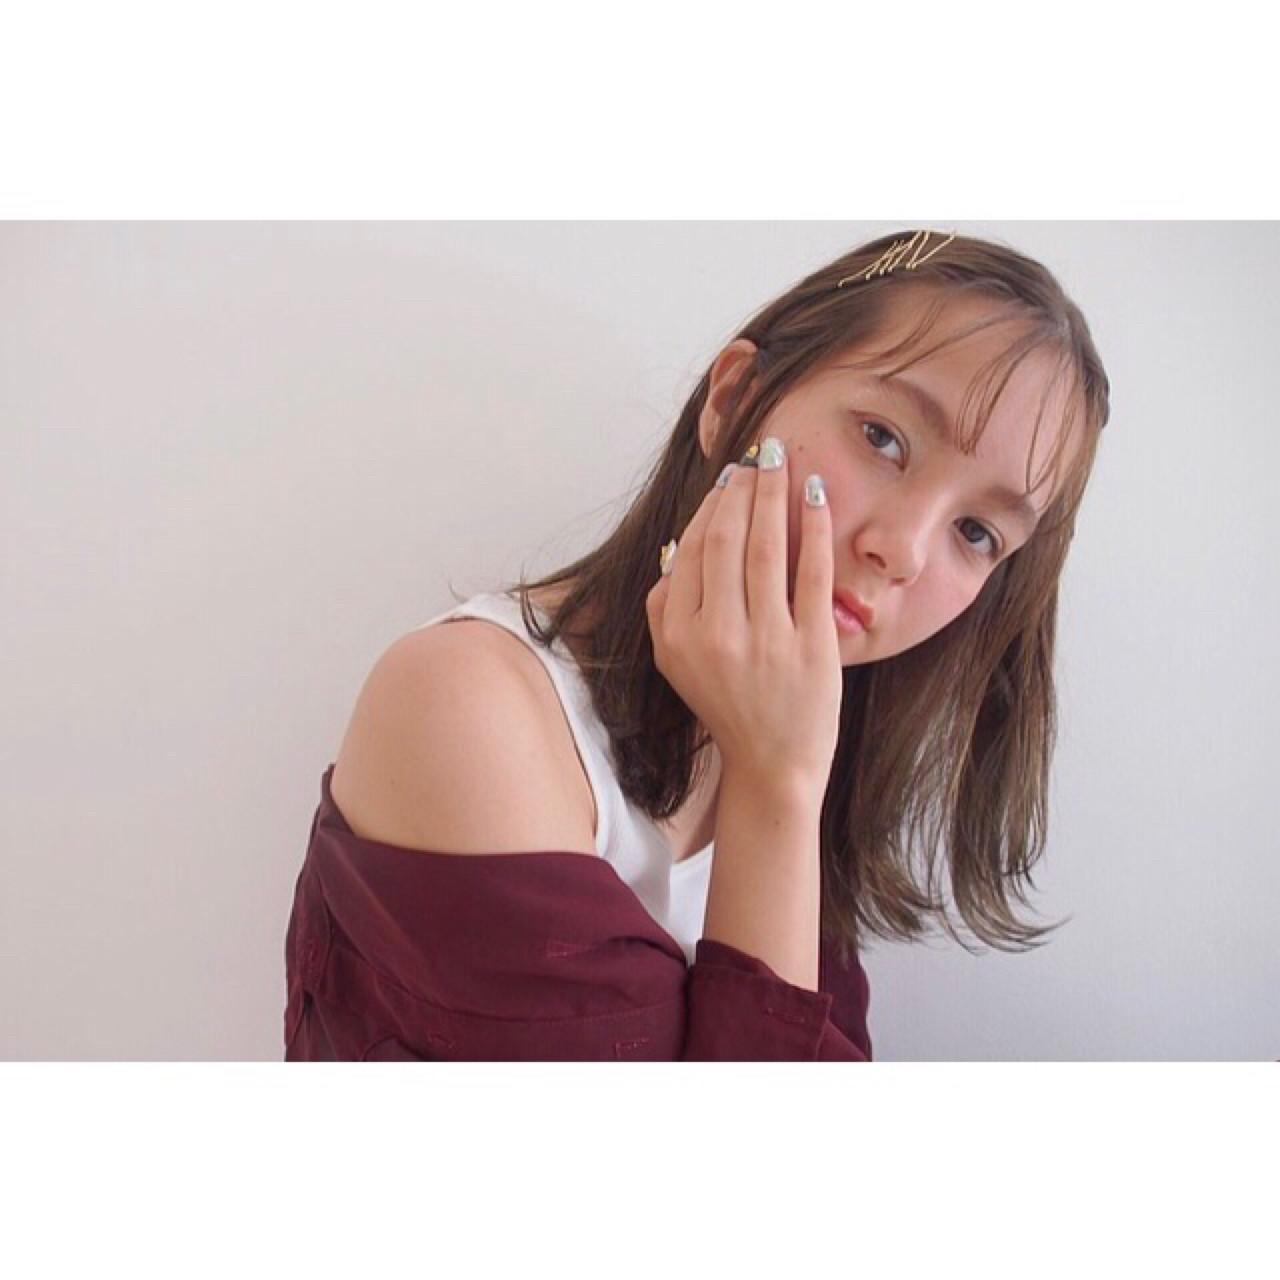 ゴールドピンでつくるチョピベンバング Rie Akita | LOAVE omotesando